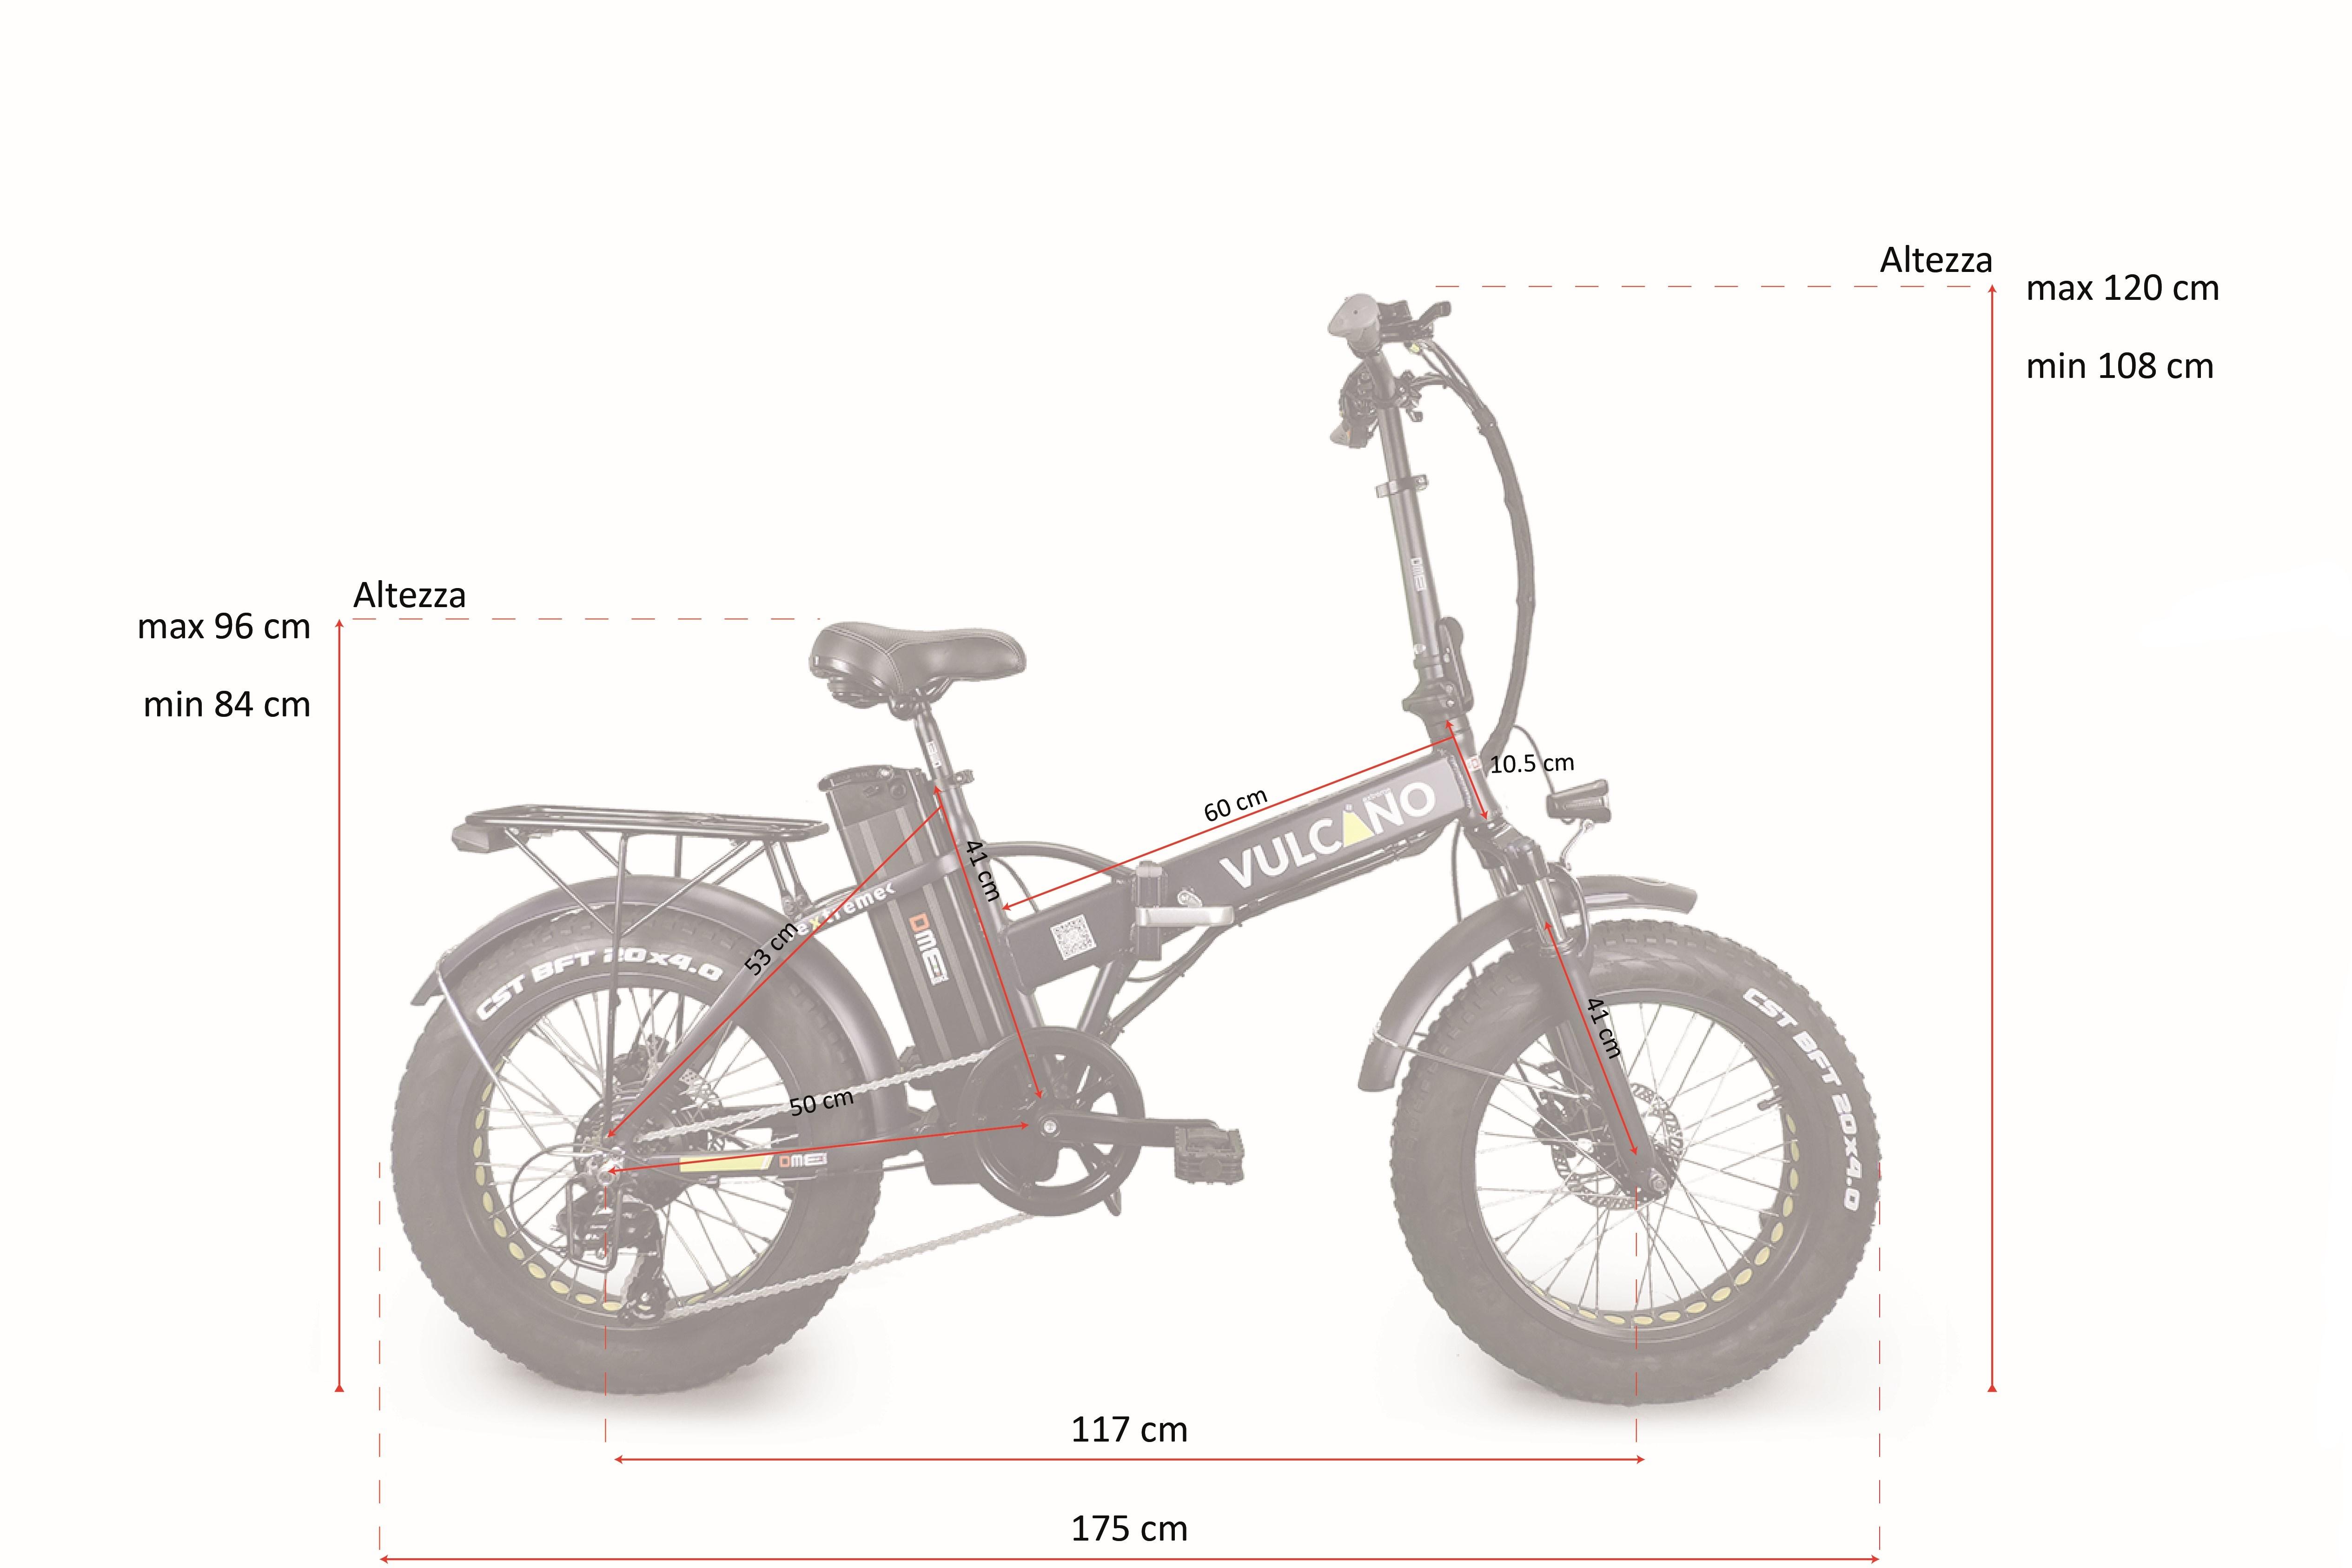 fat-bike elettrica misure aperta